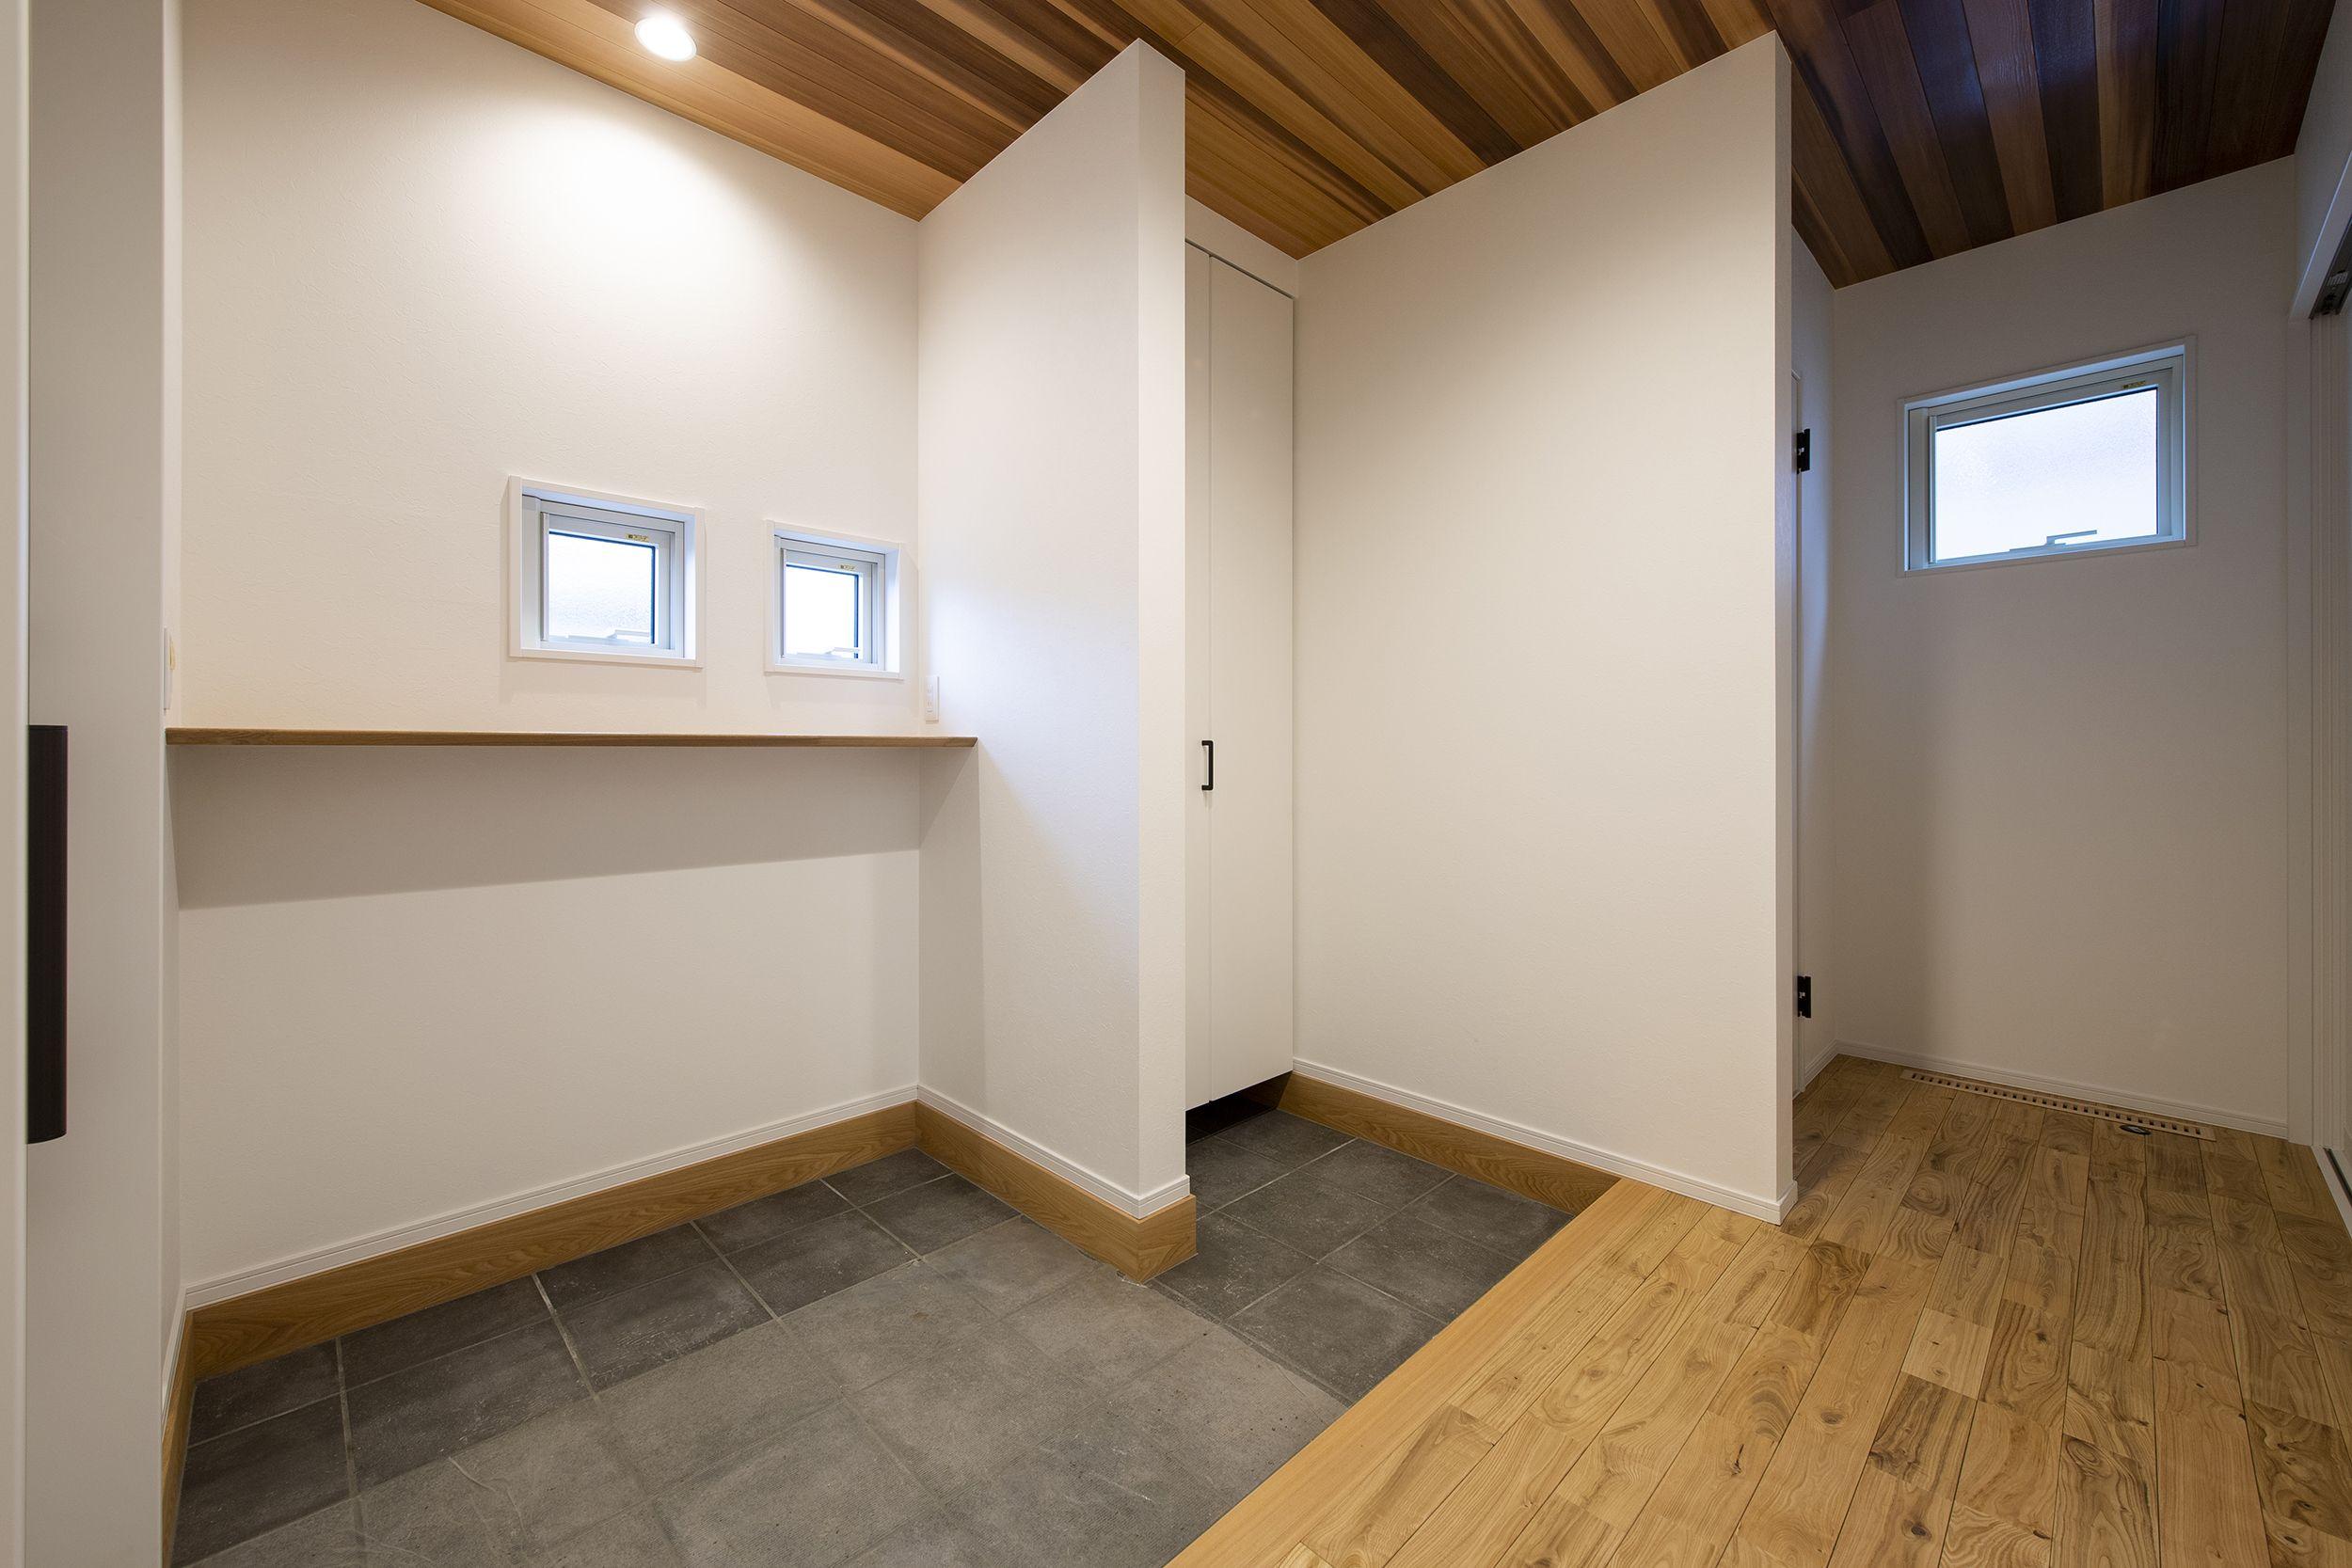 玄関ホールの天井を杉板張りにしました 暖かい木のぬくもりがお客様